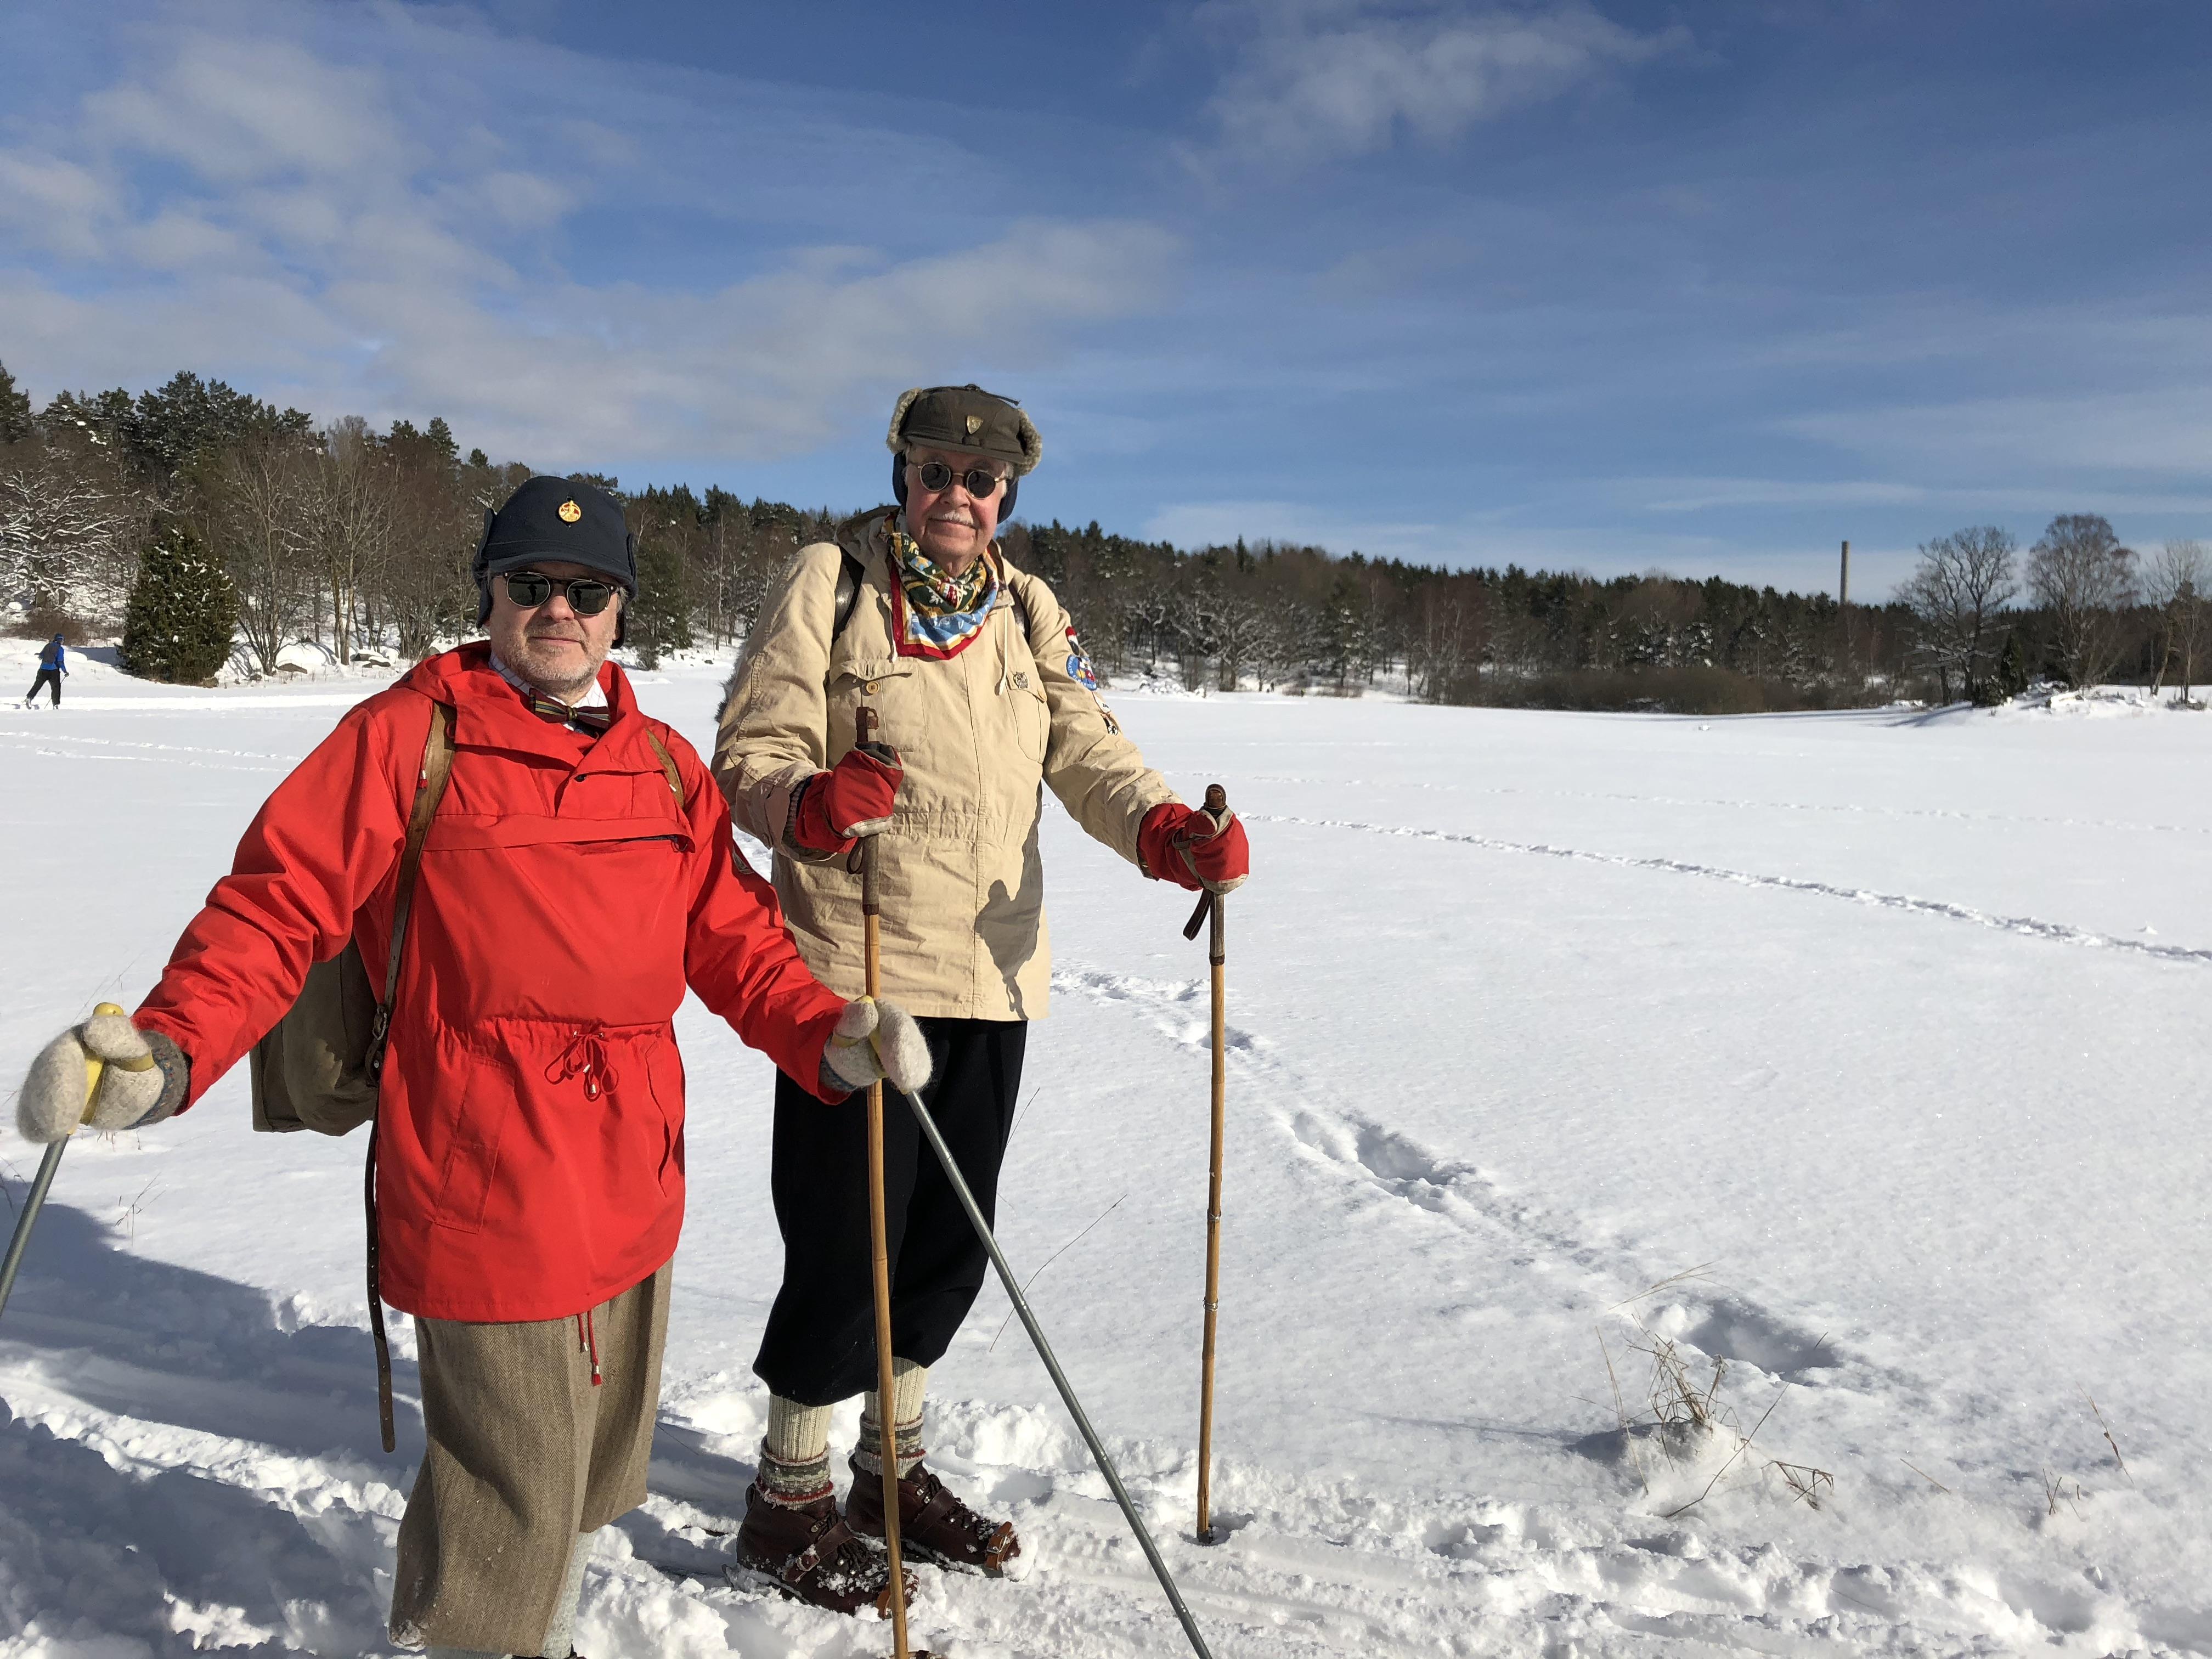 Ski in Tweed Sthlm 2018-03-03 (3).JPG